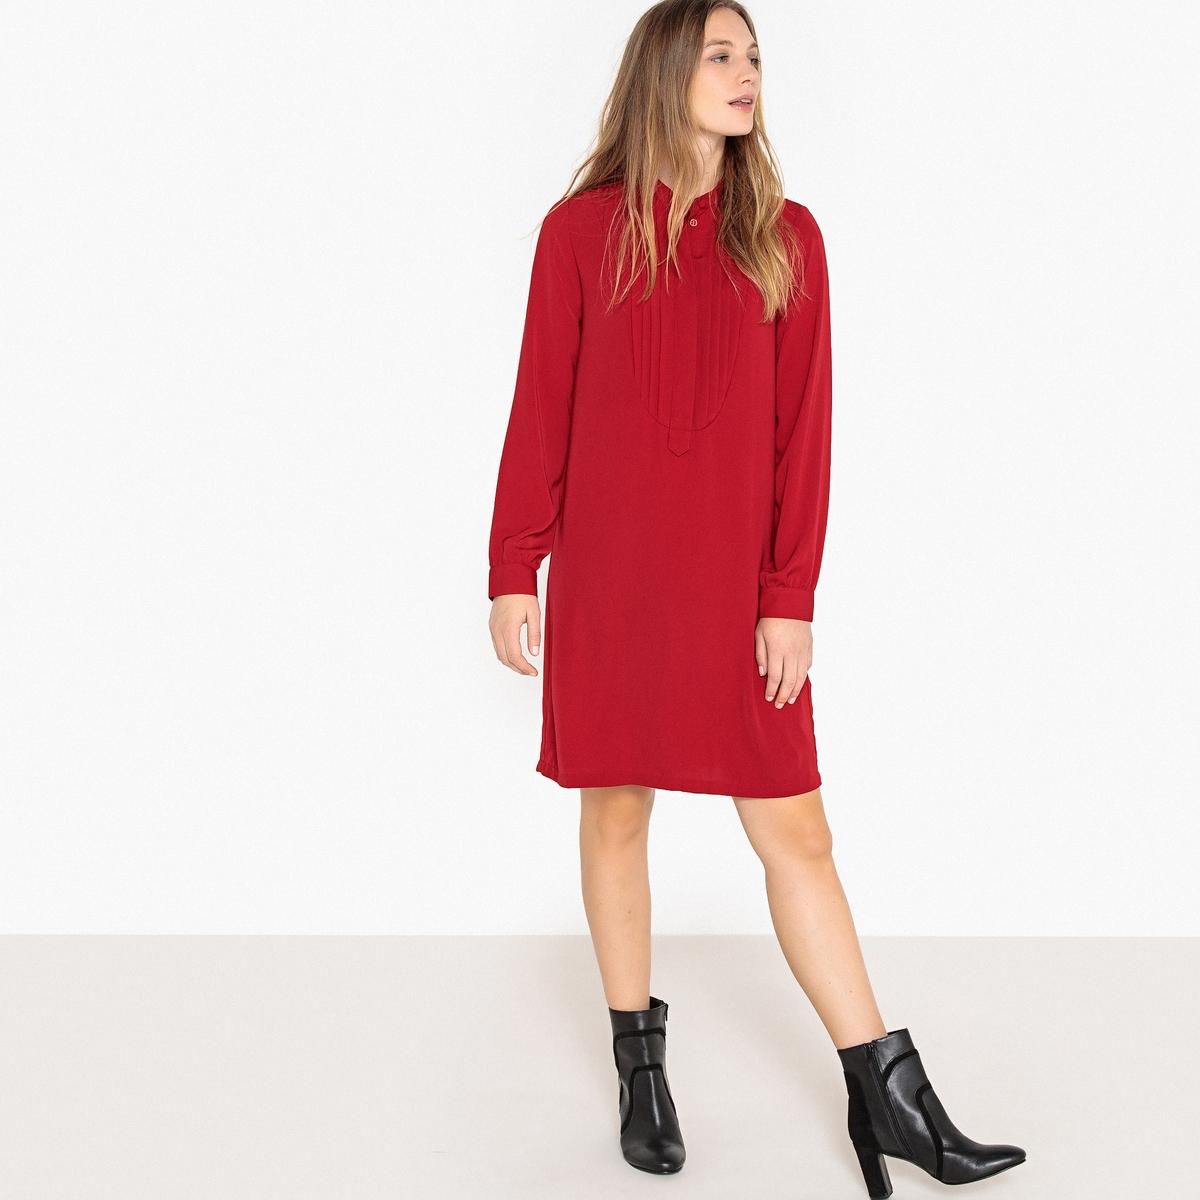 Платье-миди La Redoute Прямое с длинными рукавами 36 (FR) - 42 (RUS) красный платье la redoute прямое из велюра деворе с длинными рукавами 42 fr 48 rus черный